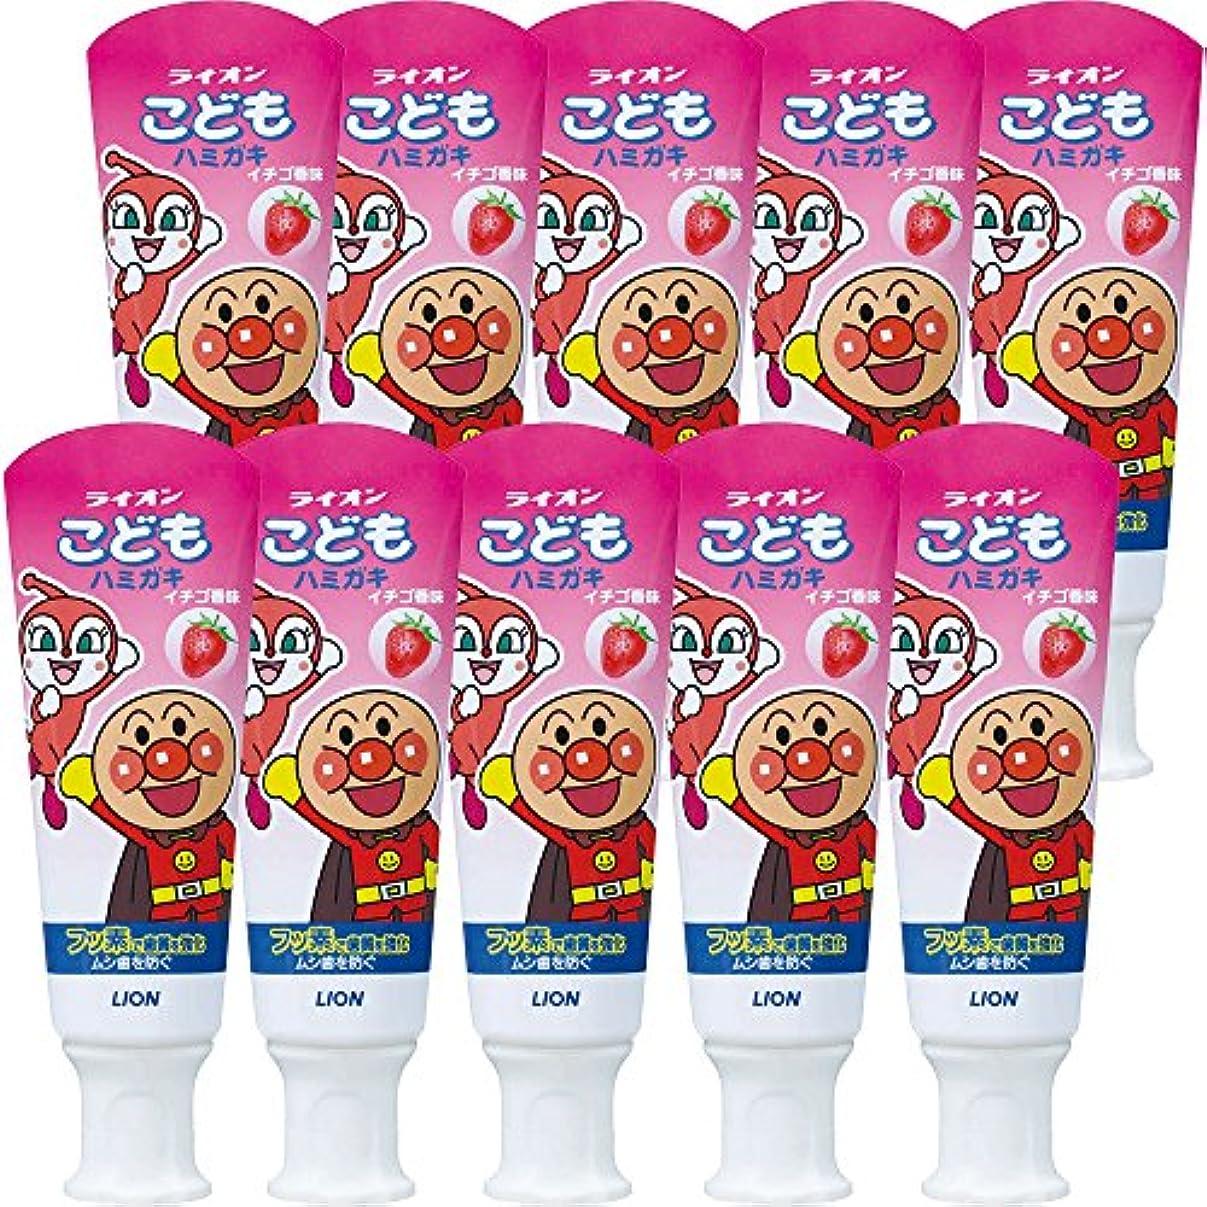 保持真面目な元気なこどもハミガキ アンパンマン イチゴ香味 40g×10個パック (医薬部外品)